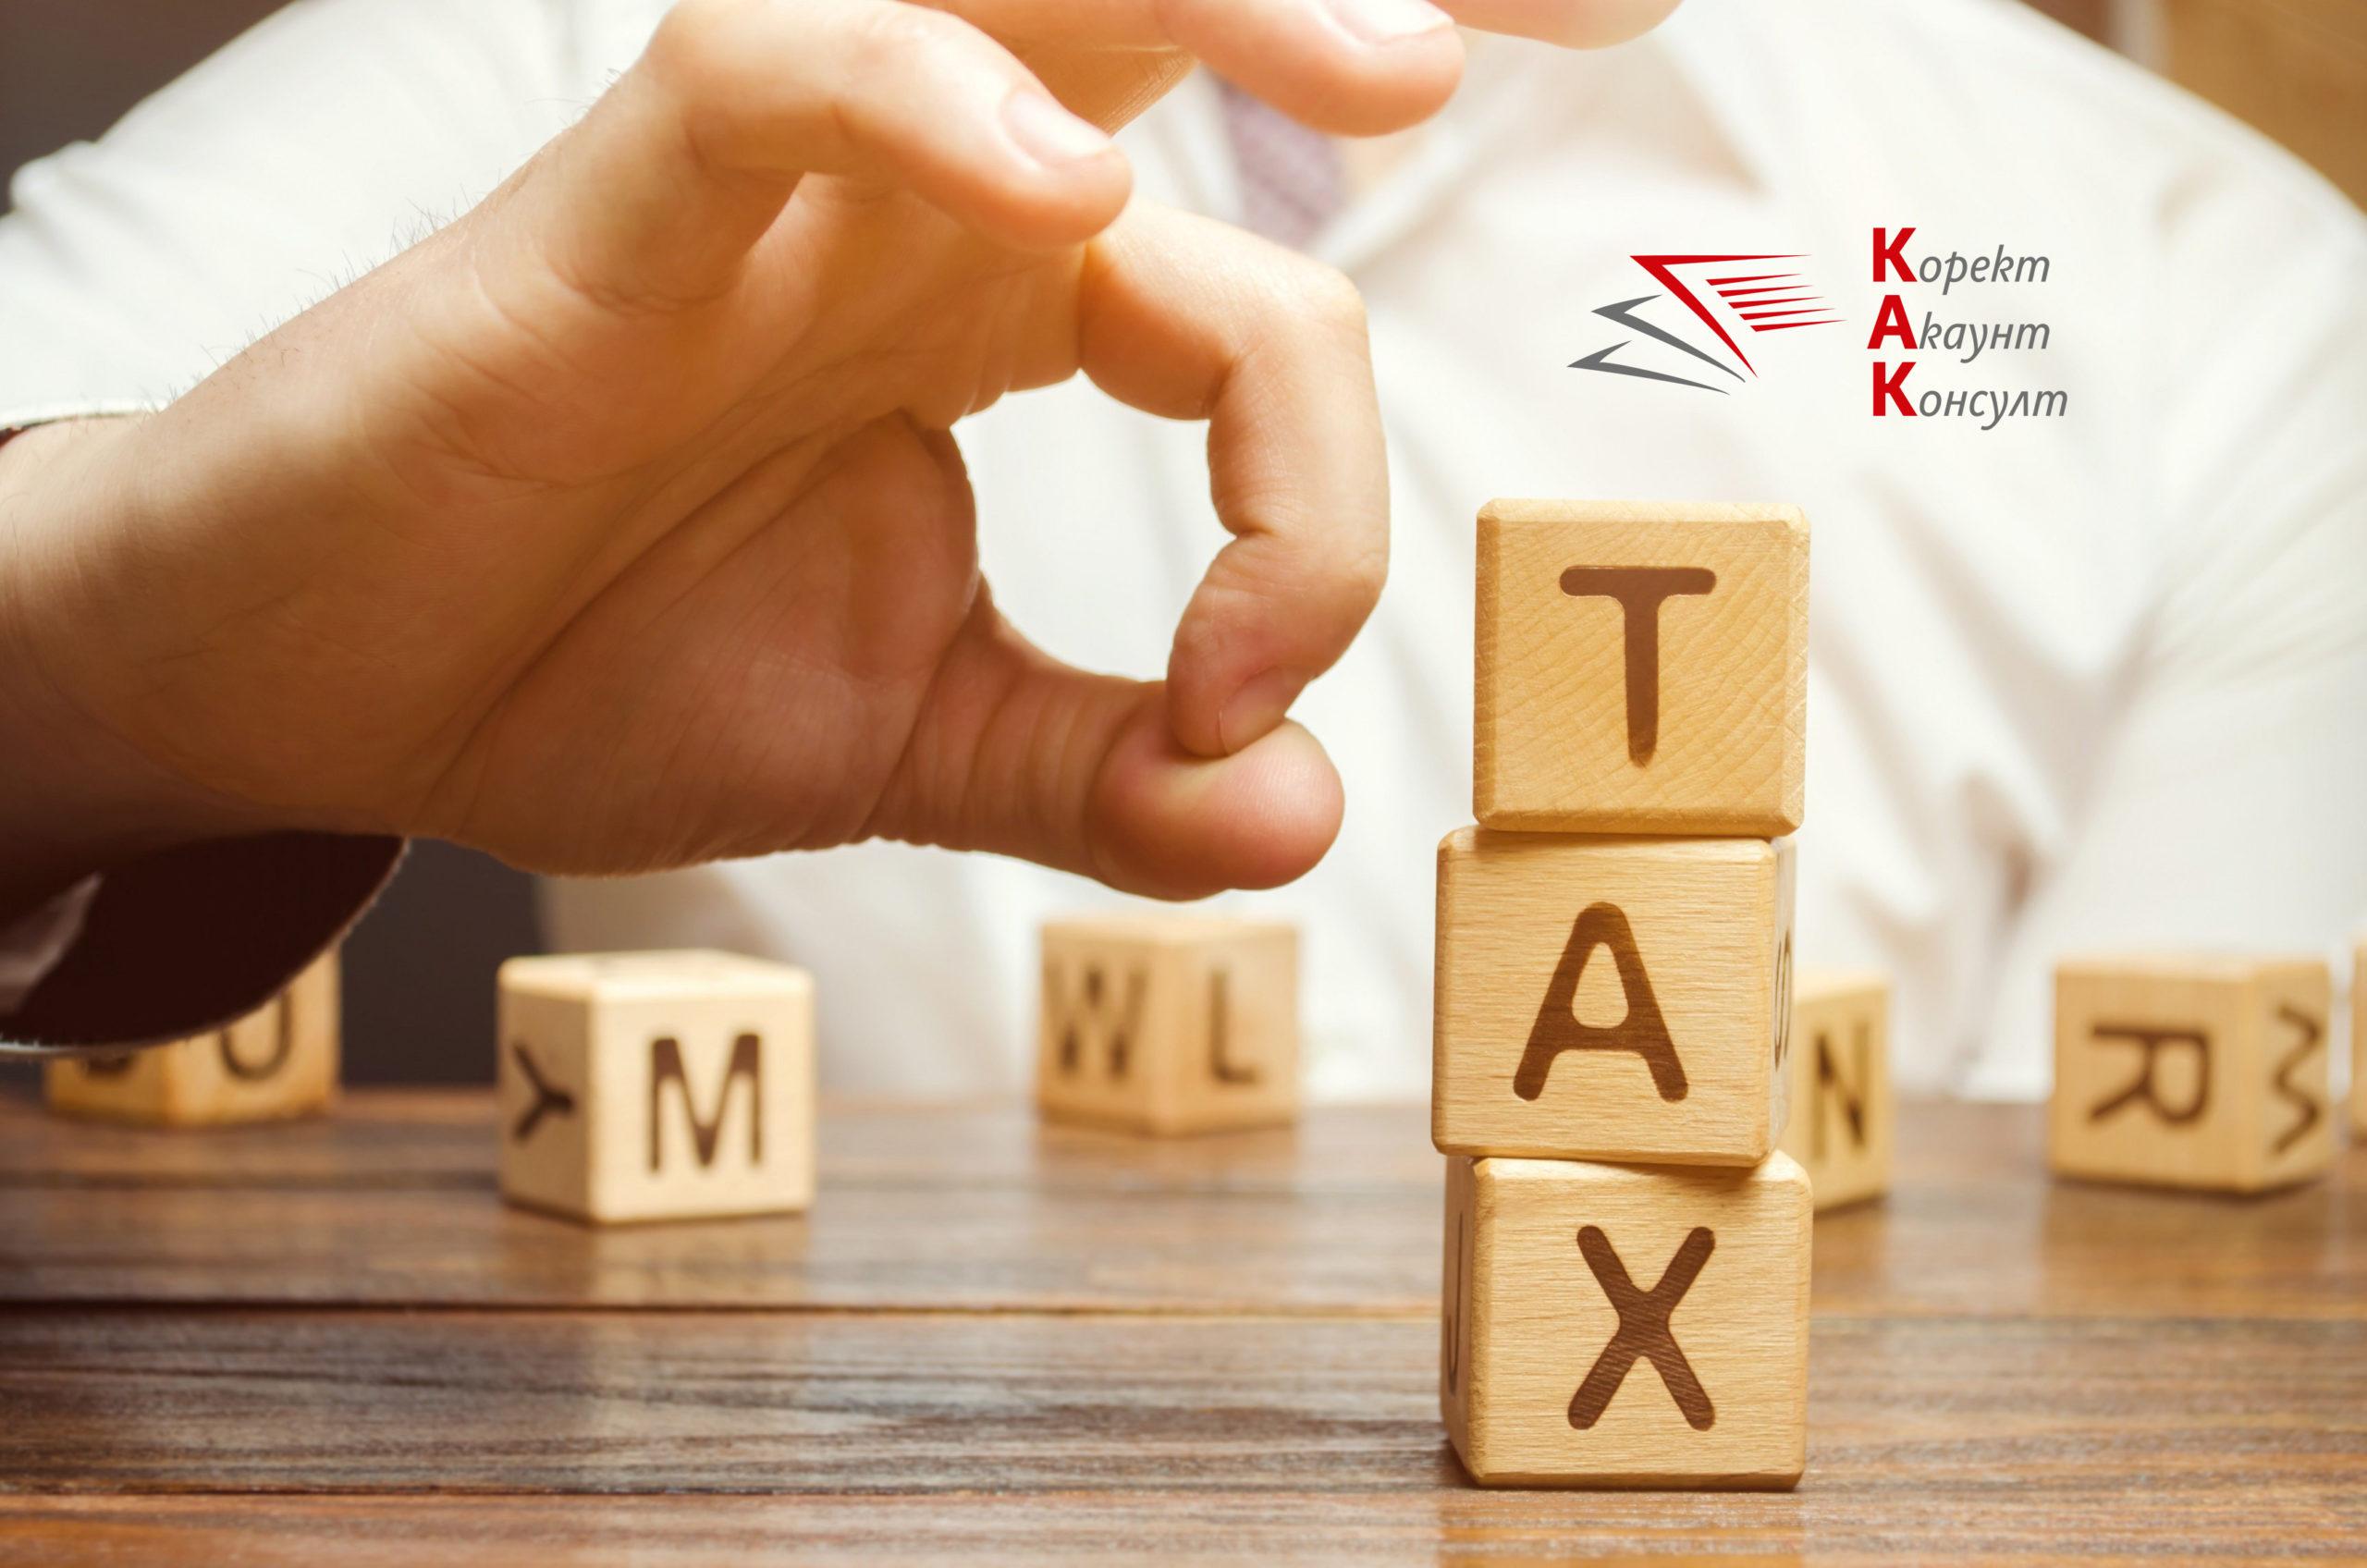 Становище за изпълнение на изискването за инвестиране на преотстъпен корпоративен данък